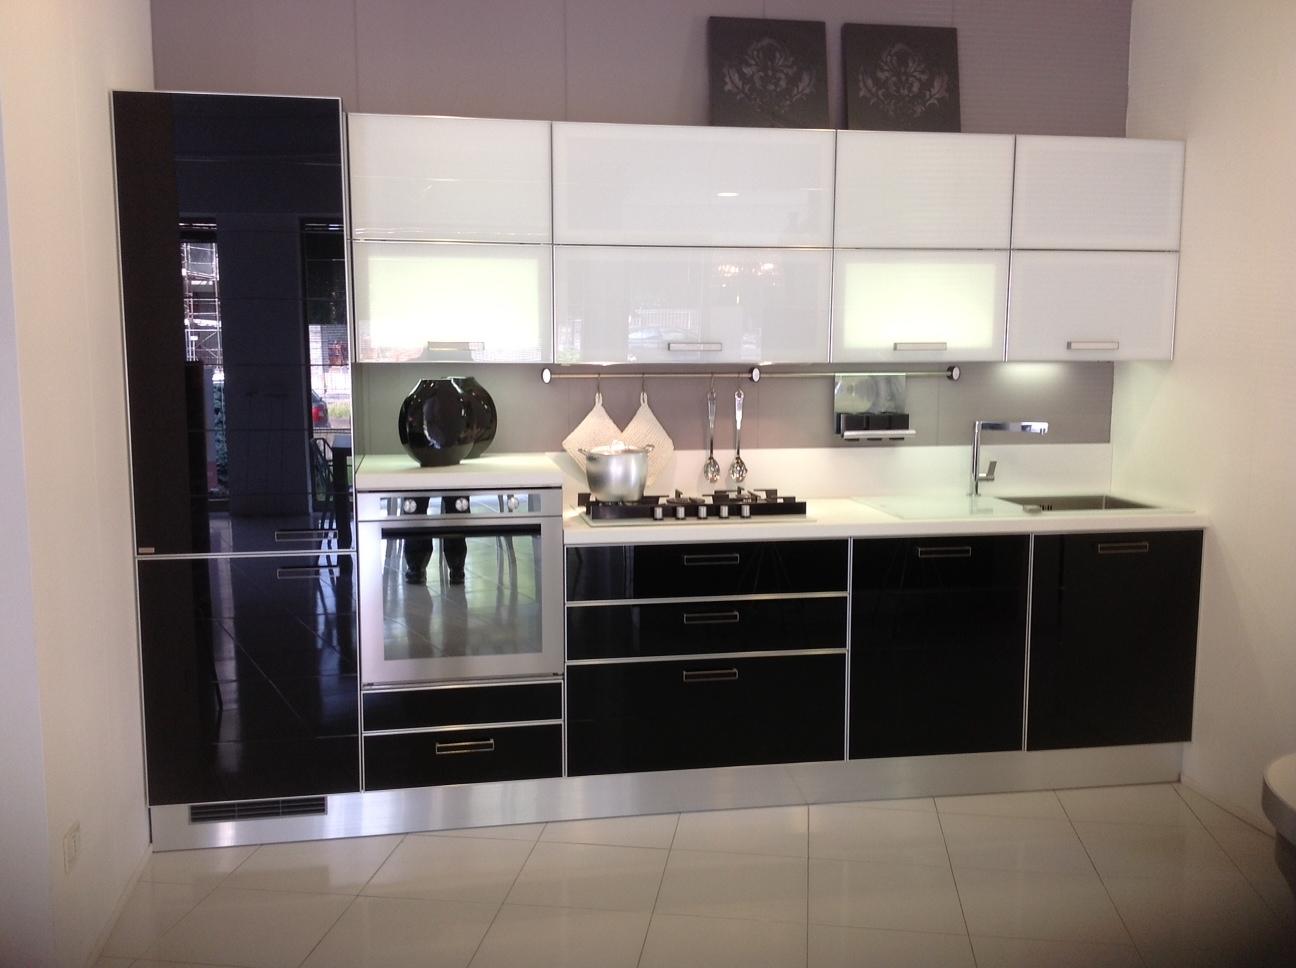 Scavolini crystal vetro cucine a prezzi scontati - Cappa cucina nera ...